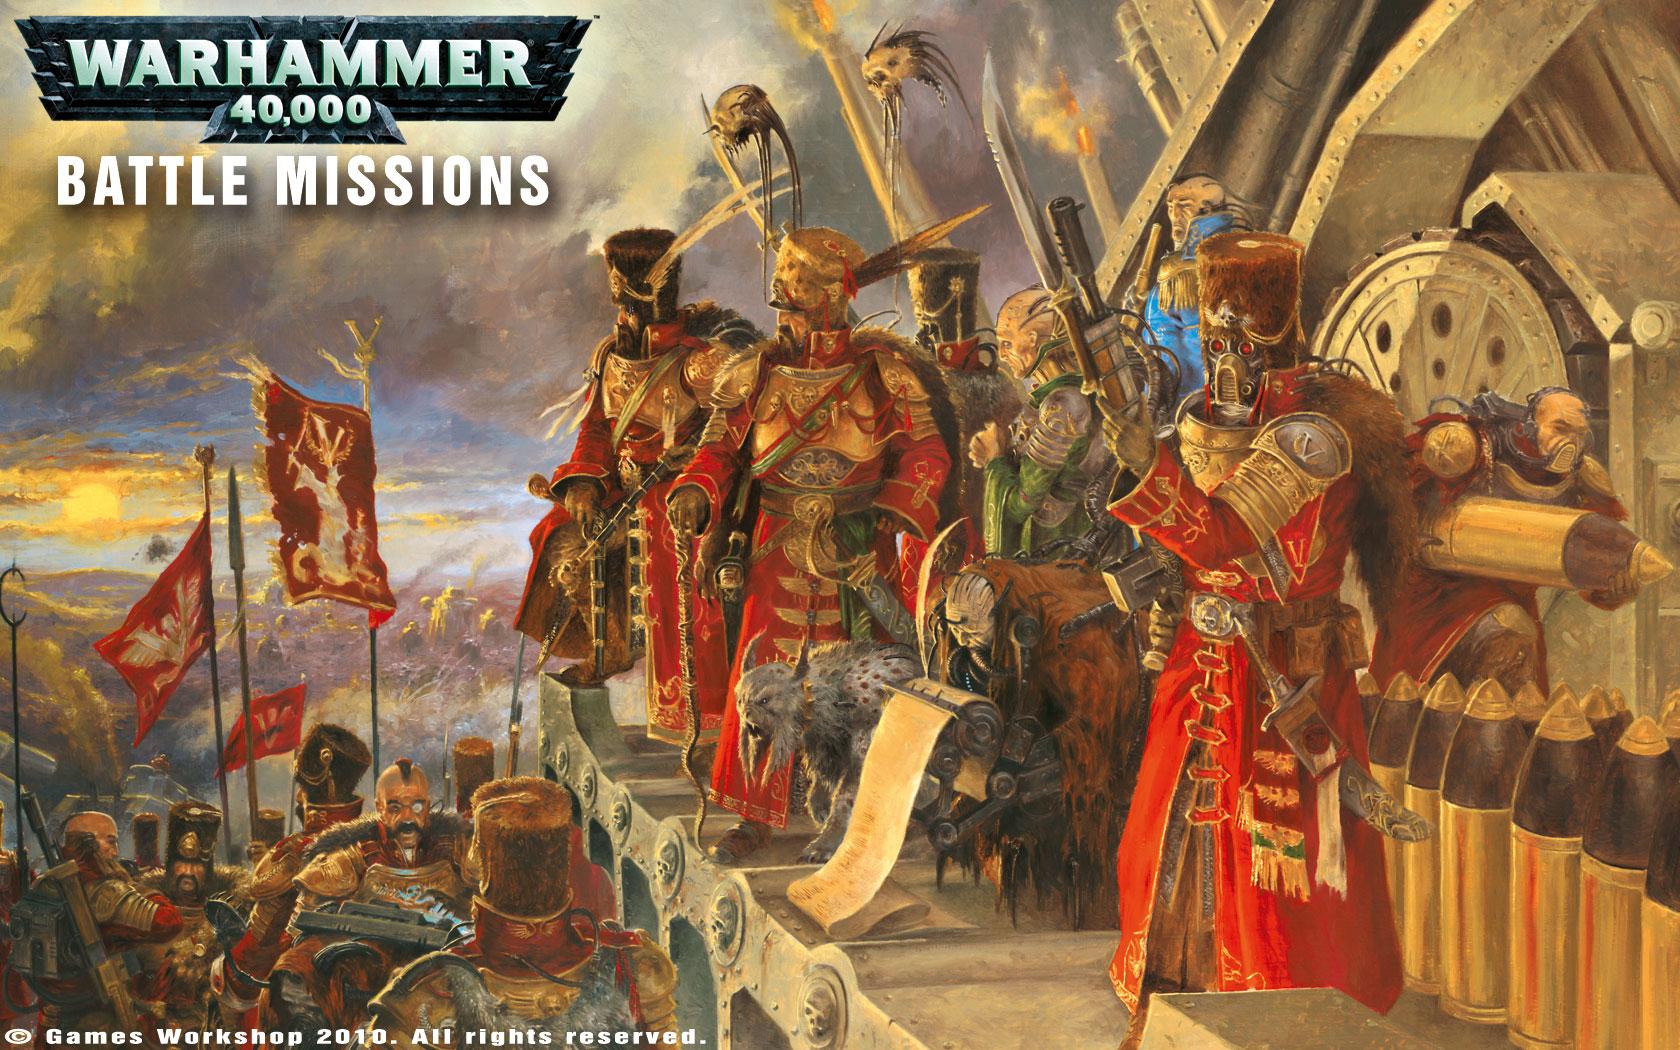 Warhammer 40k Imperial Guard Wallpaper Wallpapersafari